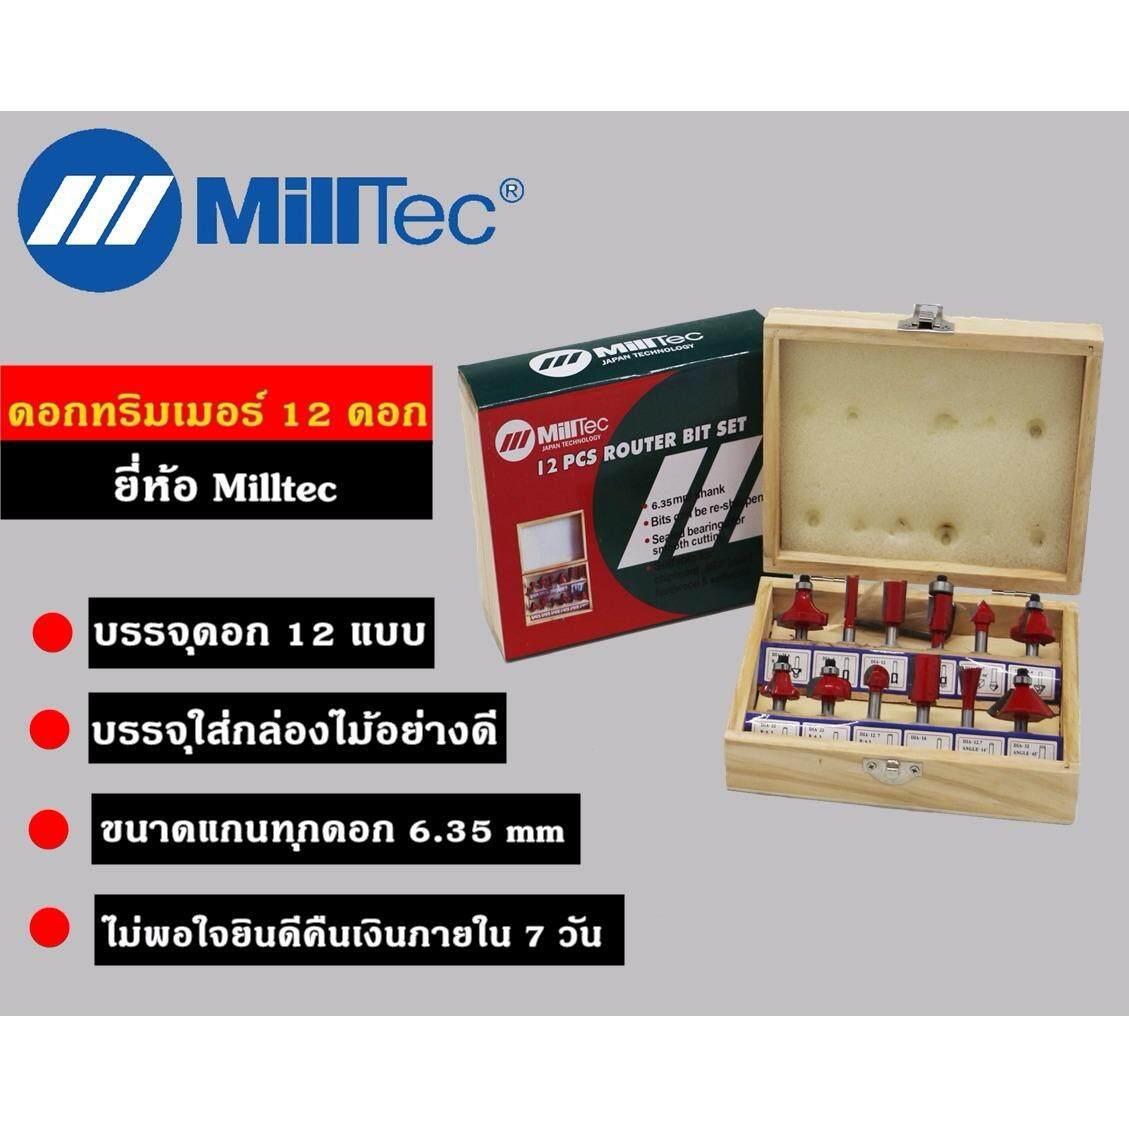 ซื้อ Milltec ชุดดอกทริมเมอร์ 1 4 ชุด 12 ดอก สีแดง ออนไลน์ ถูก